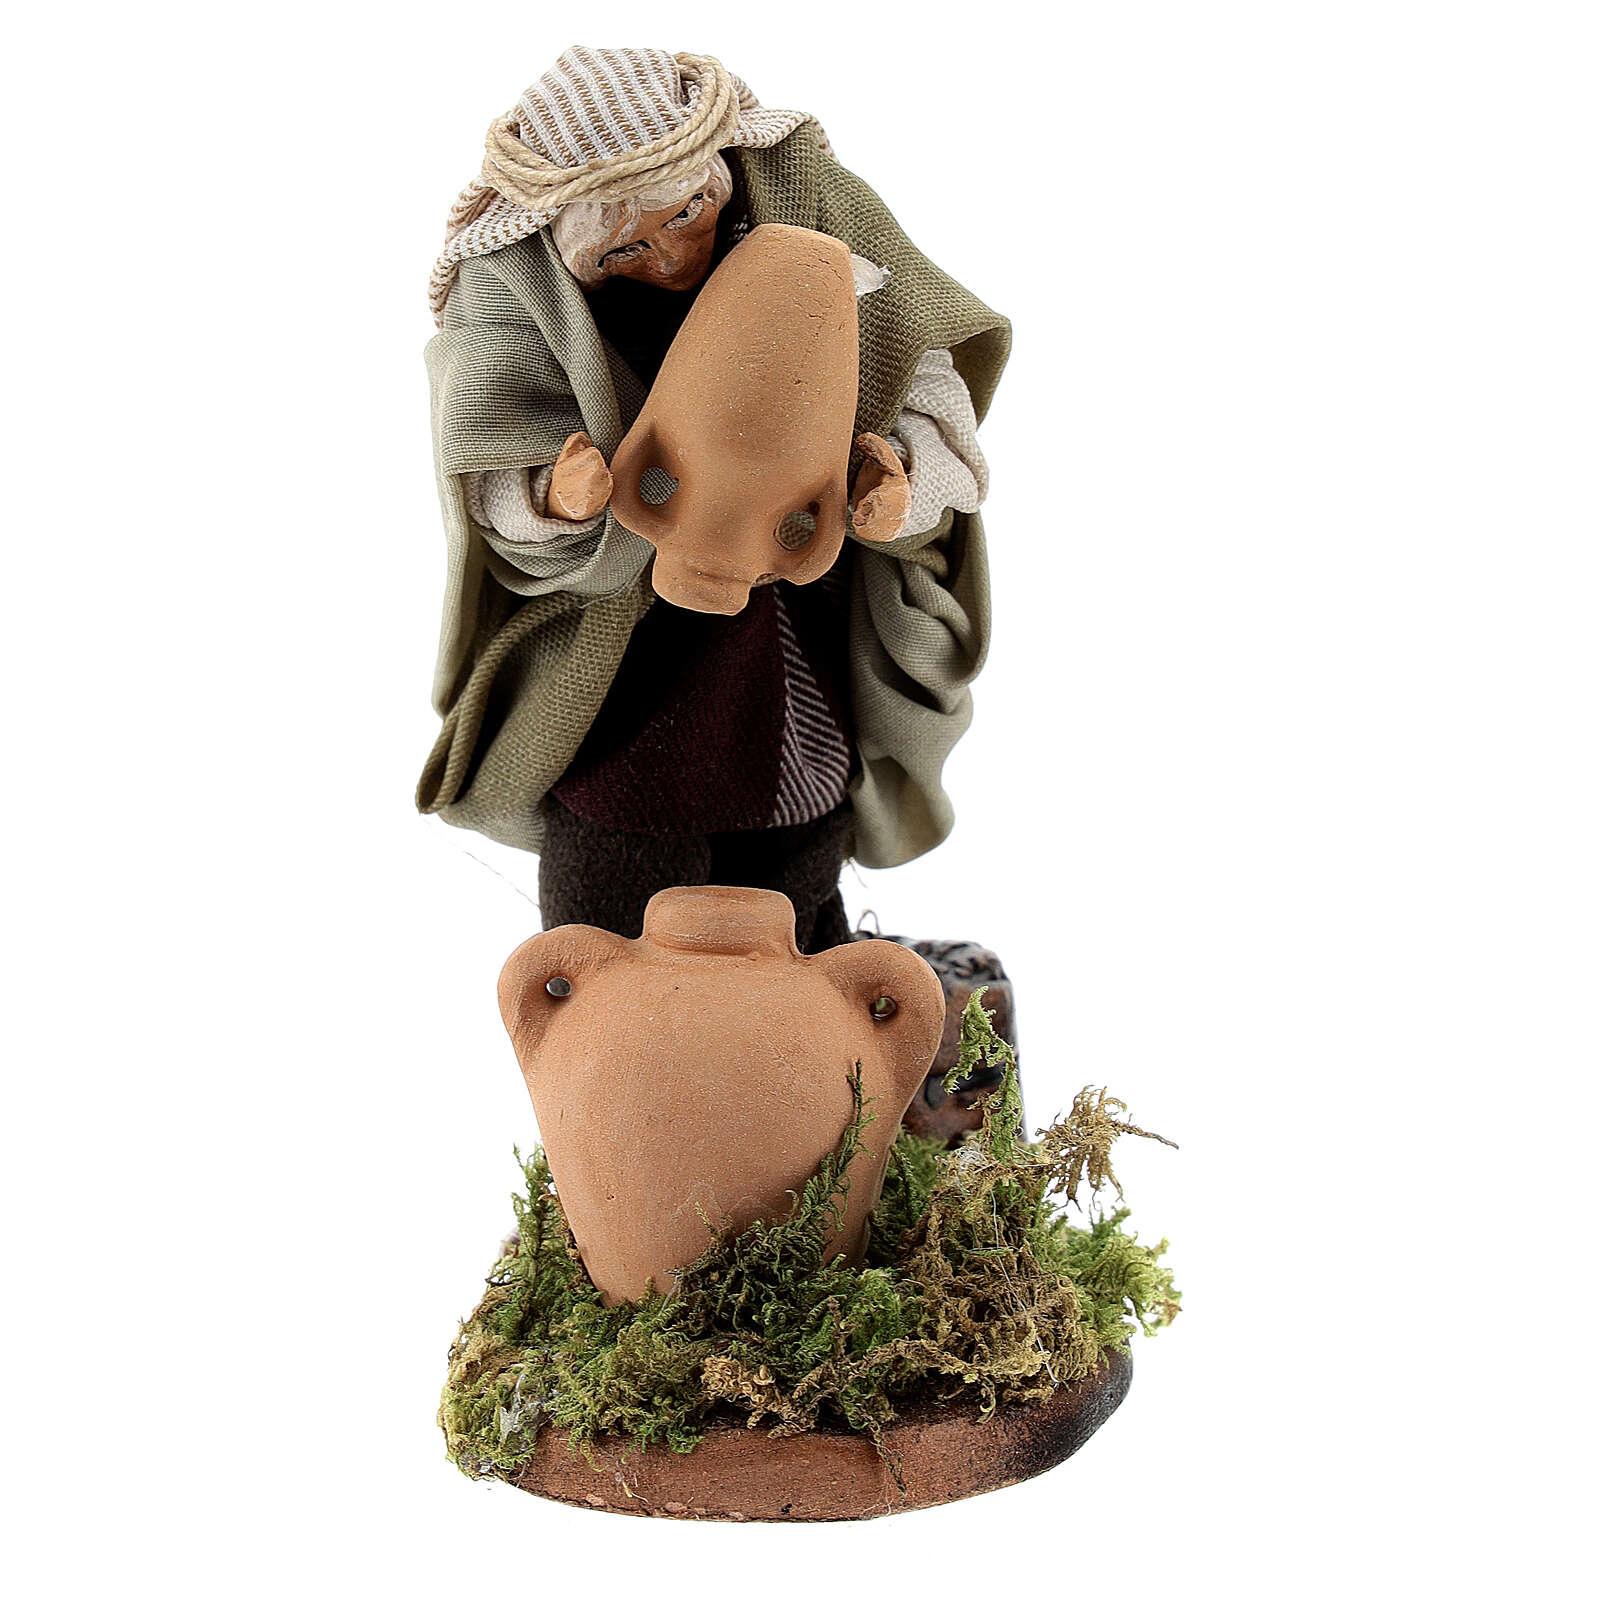 Uomo acquaiolo anfore terracotta presepe napoletano 8 cm 4